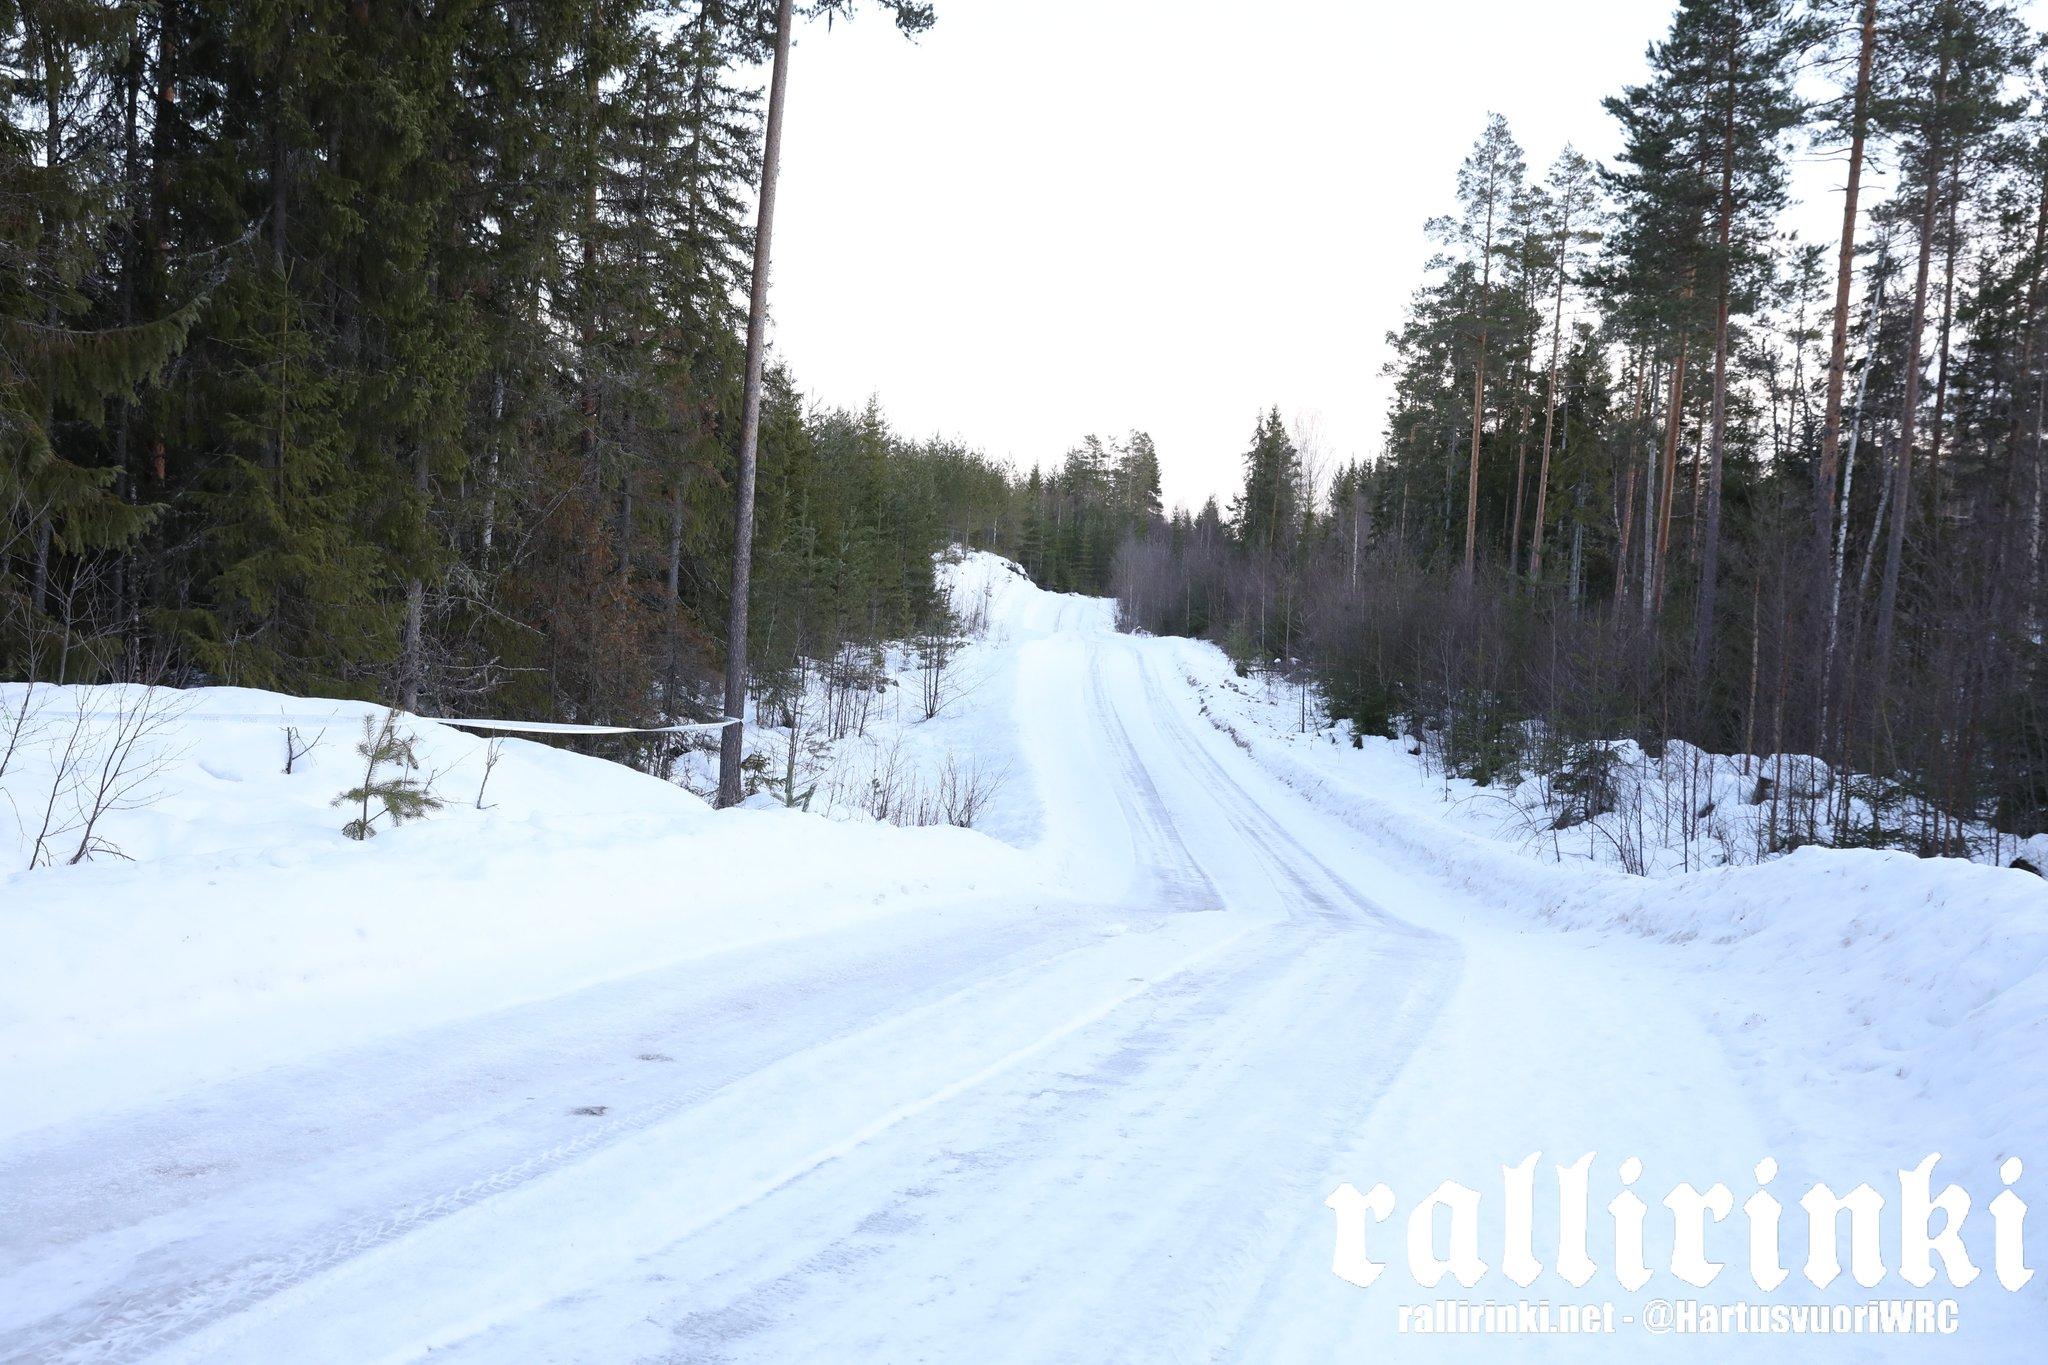 WRC: 67º Rallye Sweden [14-17 Febrero] - Página 2 DzTMfsTX4AEJ4Xd